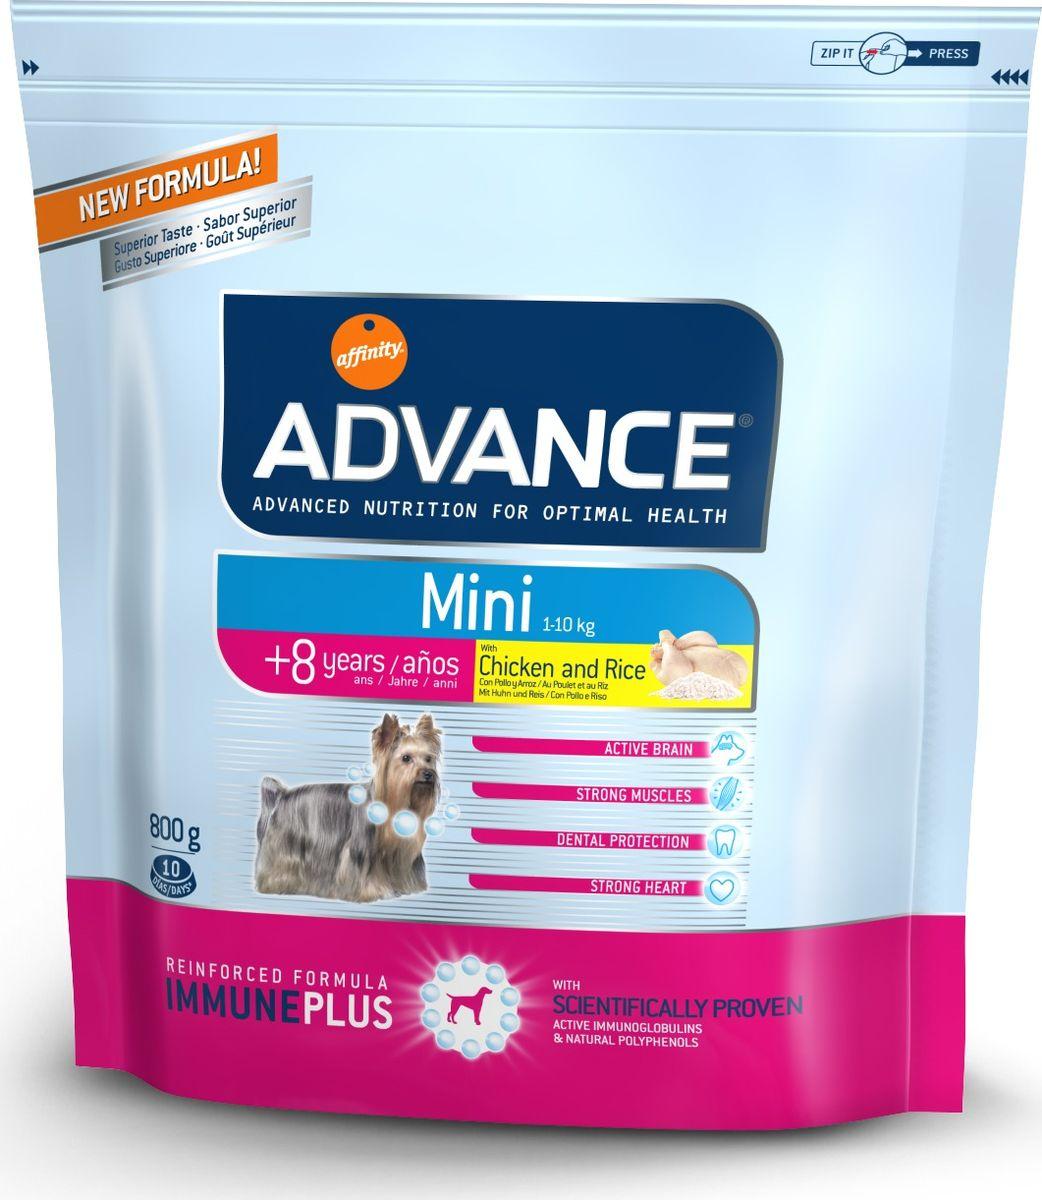 Корм сухой Advance Mini Senior для собак малых пород старше 8 лет, с курицей и рисом, 0,8 кг13051/547119Advance - высококачественный корм супер-премиум класса испанской компании Affinity Petcare, которая занимает лидирующие места на европейском и мировом рынках. Корм разработан с учетом всех особенностей развития и жизнедеятельности собак и кошек. В линейке кормов Advance любой хозяин может подобрать необходимое питание в соответствии с возрастом и уникальными особенностями своего животного, а также в случае назначения специалистами ветеринарной диеты. Affinity Petcare имеет собственную лабораторию, а также сотрудничает с множеством международных исследовательских центров, благодаря чему специалисты постоянно совершенствуют рецептуру и полезные свойства своих кормов. В составе главным источником белка является СВЕЖЕЕ мясо, благодаря которому корм обладает высокими вкусовыми качествами, а также высокой питательной ценностью. Состав: курица (16%), мука из маиса, дегидрированное мясо курицы, пшеница, рис (10%), мука из пшеницы, маис, гидролизированный белок животного происхождения, животный жир, свекольный жом, кукурузные отруби, яичный порошок, дрожжи, рыбий жир, хлористый калий, плазменный протеин, карбонат кальция, пирофосфорнокислый натрий, глюкозамин, хондроитин сульфат, природные полифенолы.Анализ: протеин 28%, жиры 15%, сырые волокна 2,5%, неорганическое вещество 6%, кальций 1,1%, фосфор 0,8%, влажность 9%.Энергетическая ценность 3690 ккал/кг. Товар сертифицирован.